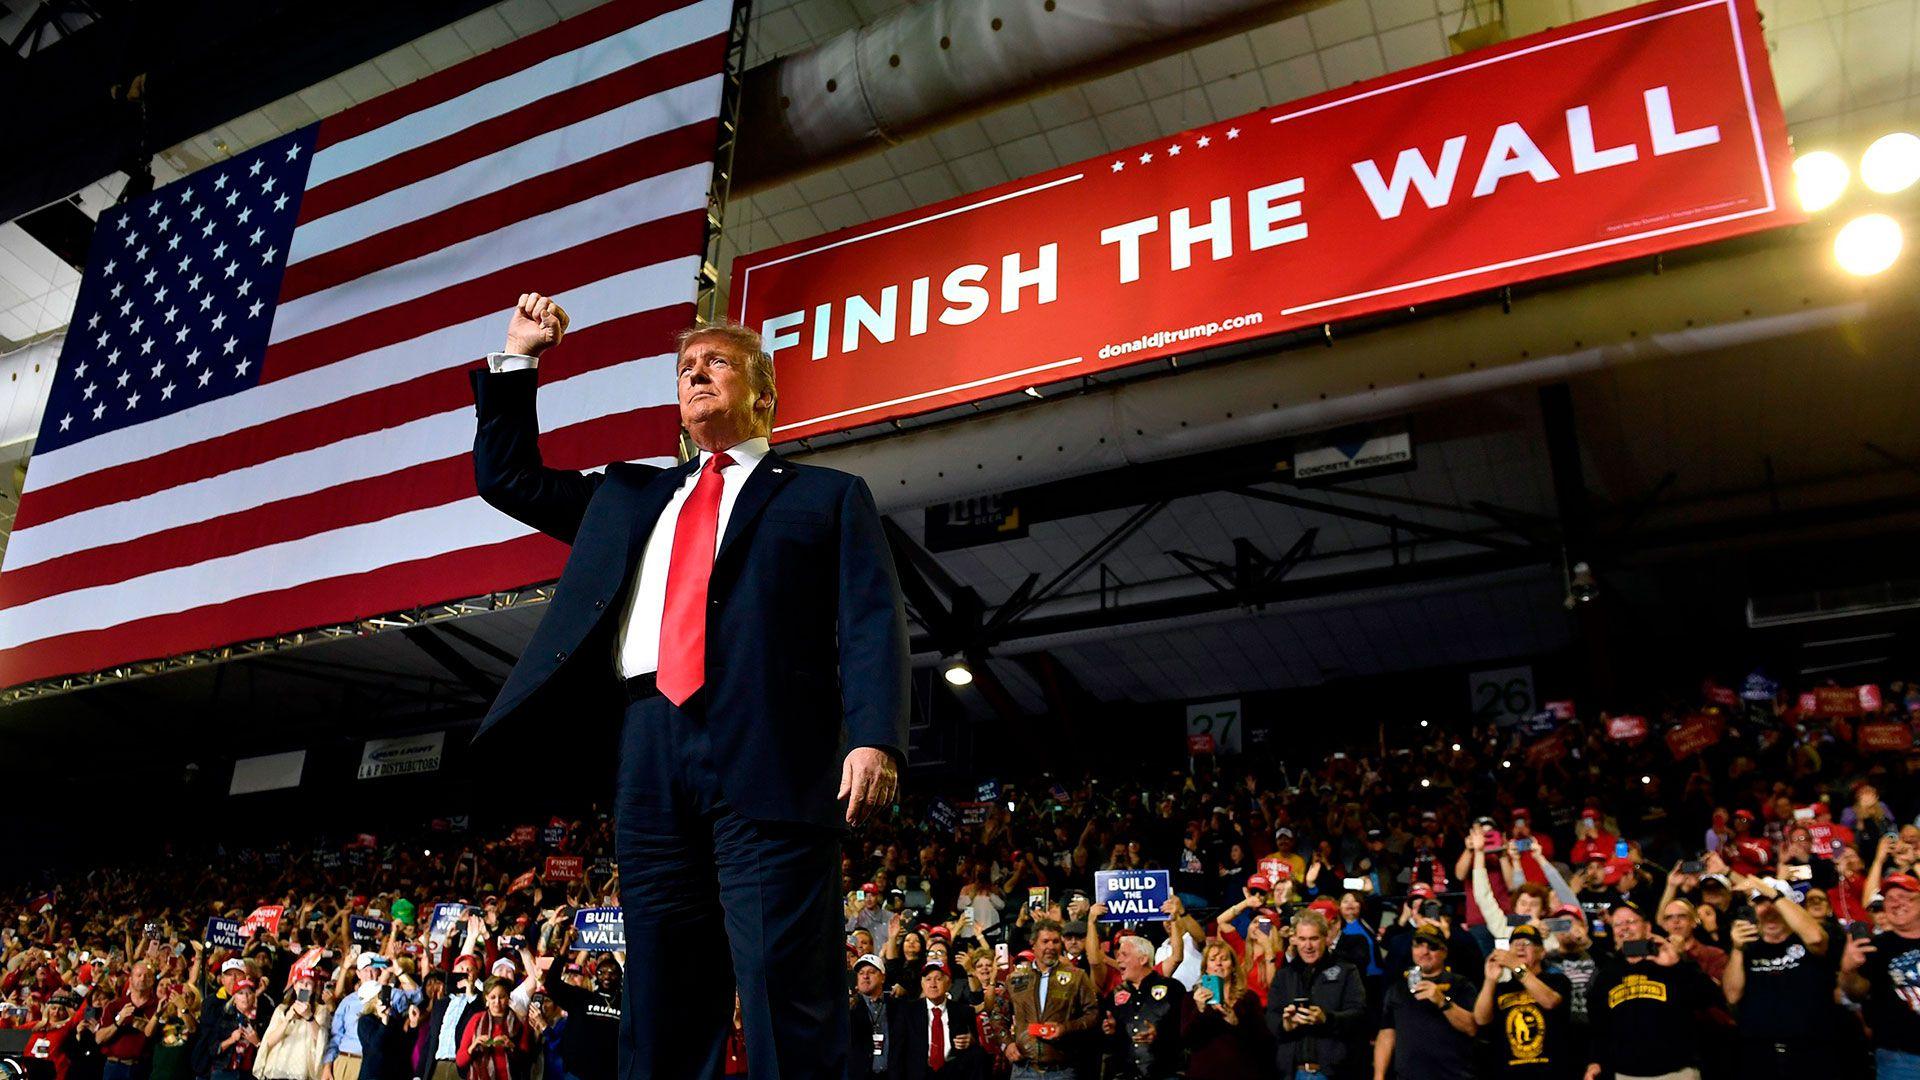 Donald Trump en un acto político en El Paso, Texas, el 11 de febrero de 2019 (AP Photo/Susan Walsh)